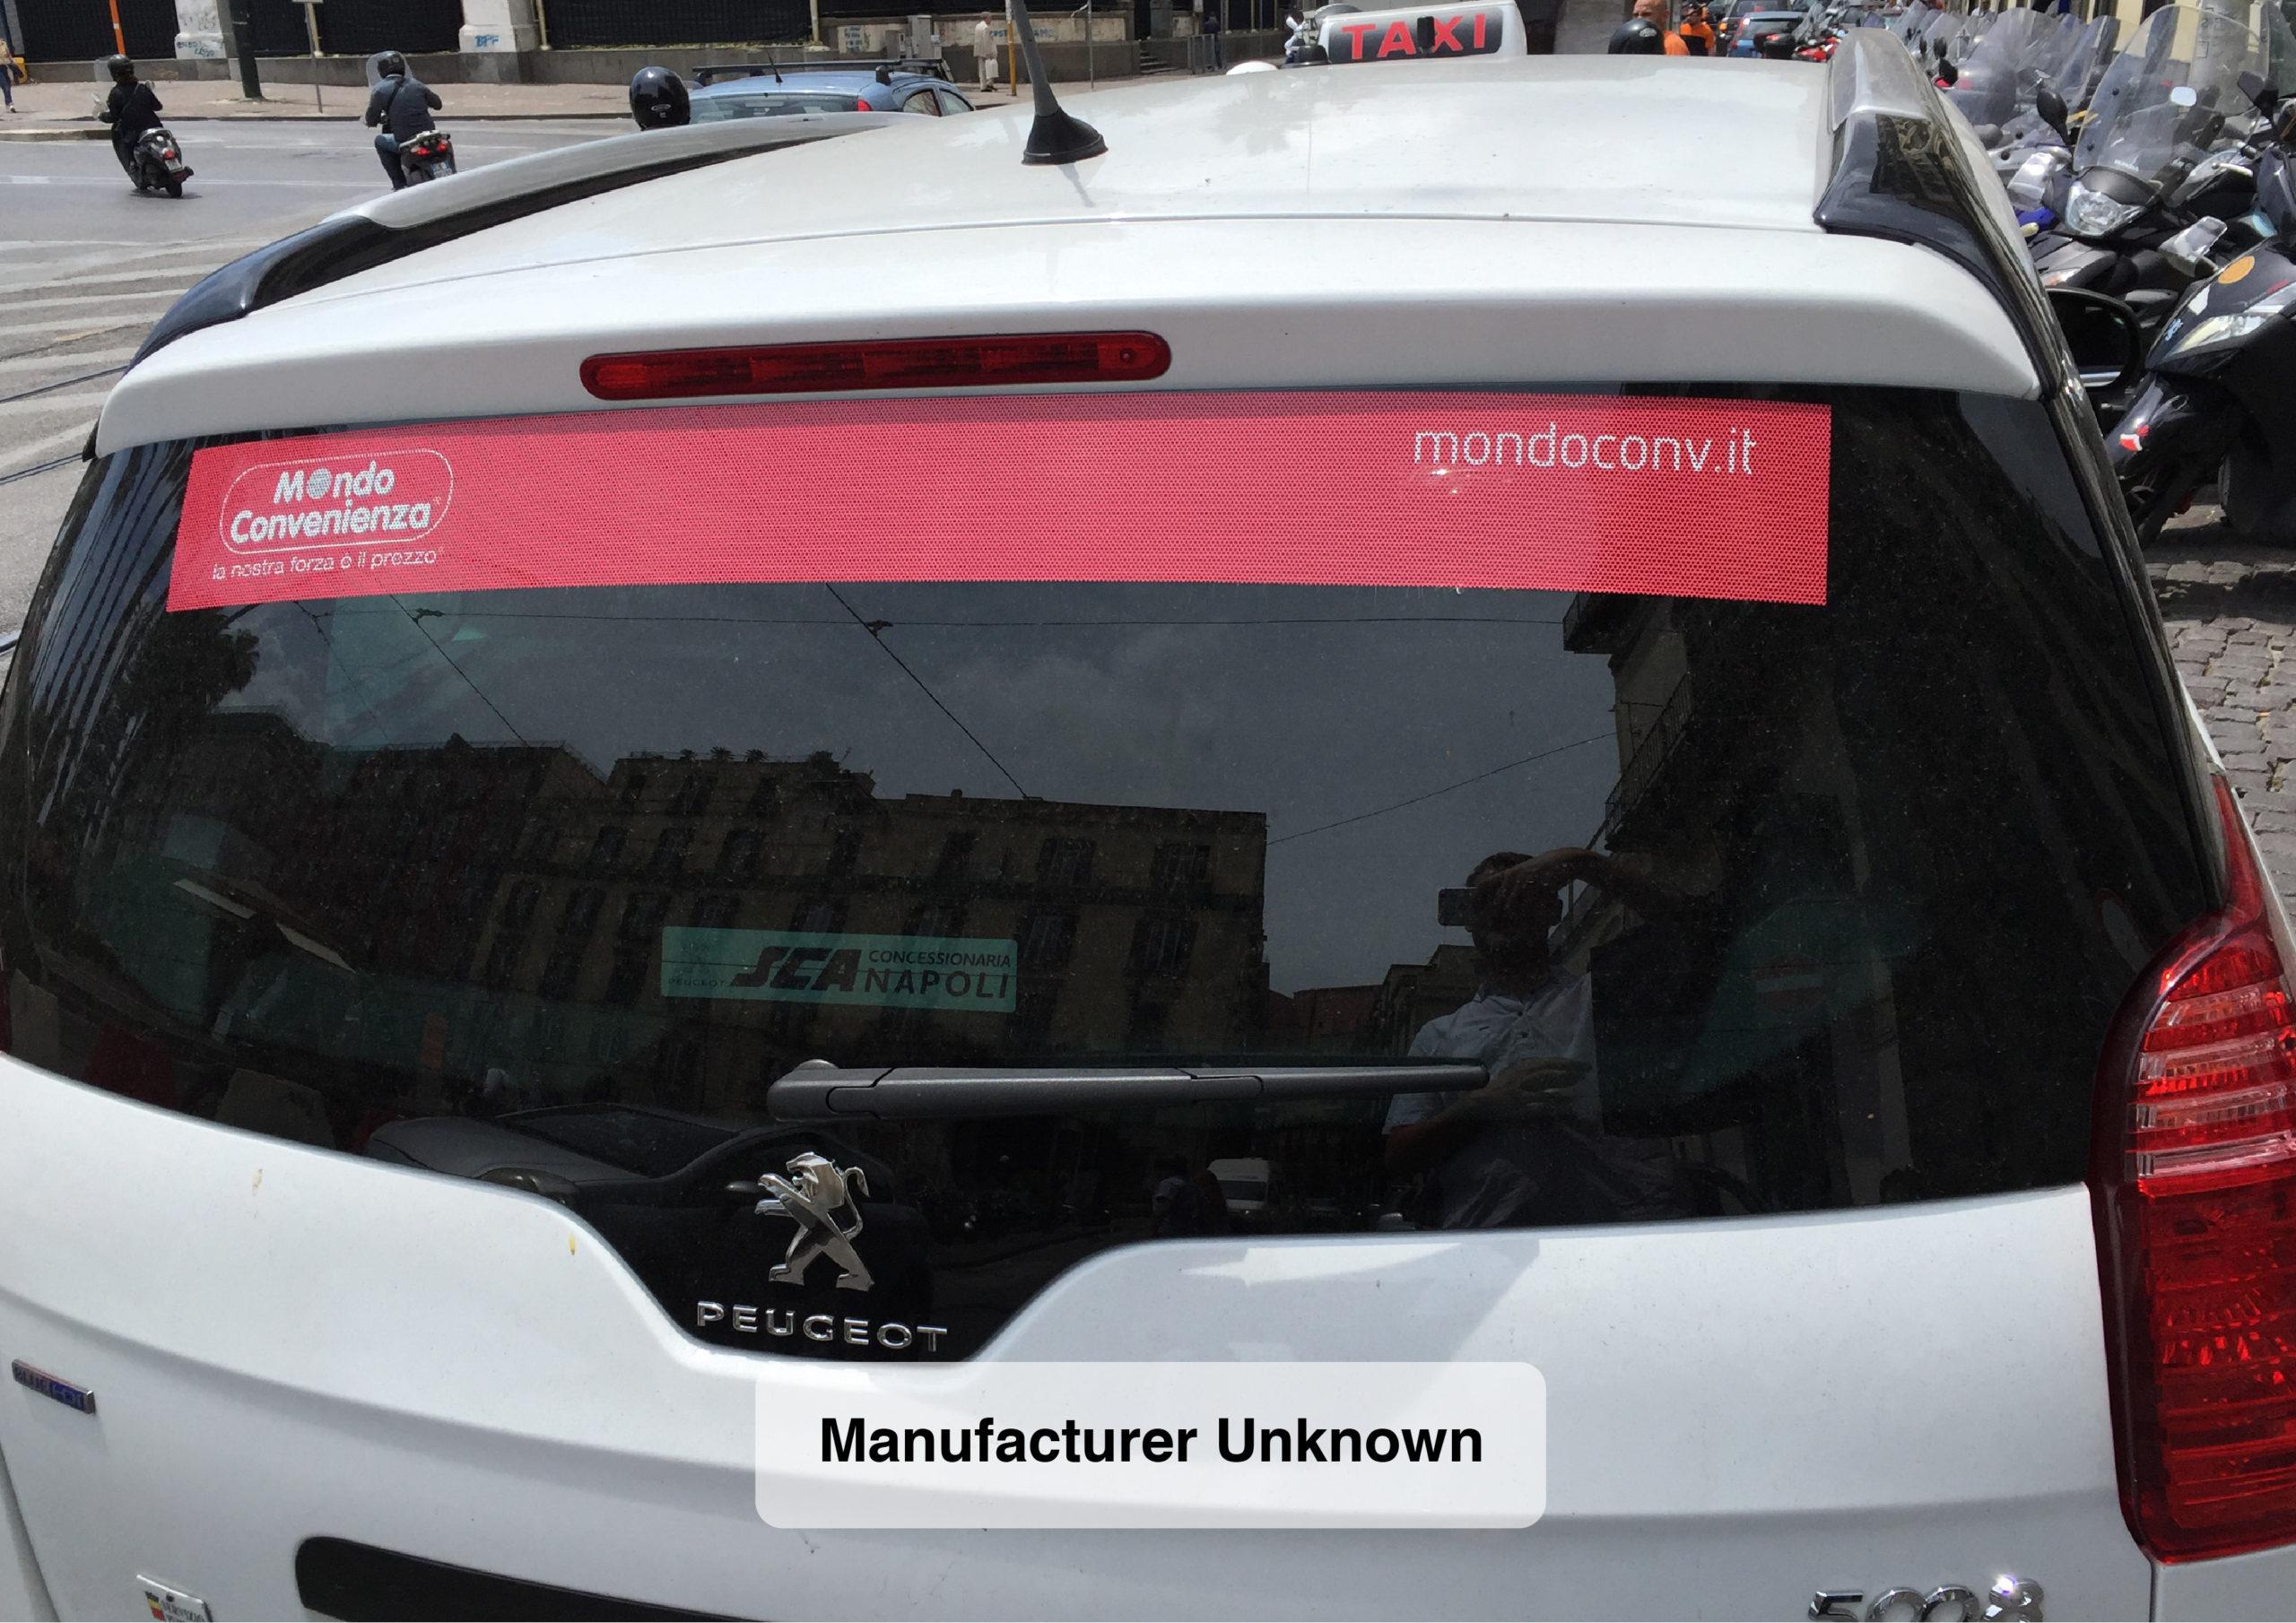 mondo-convenienza-car-window-graphics-italy